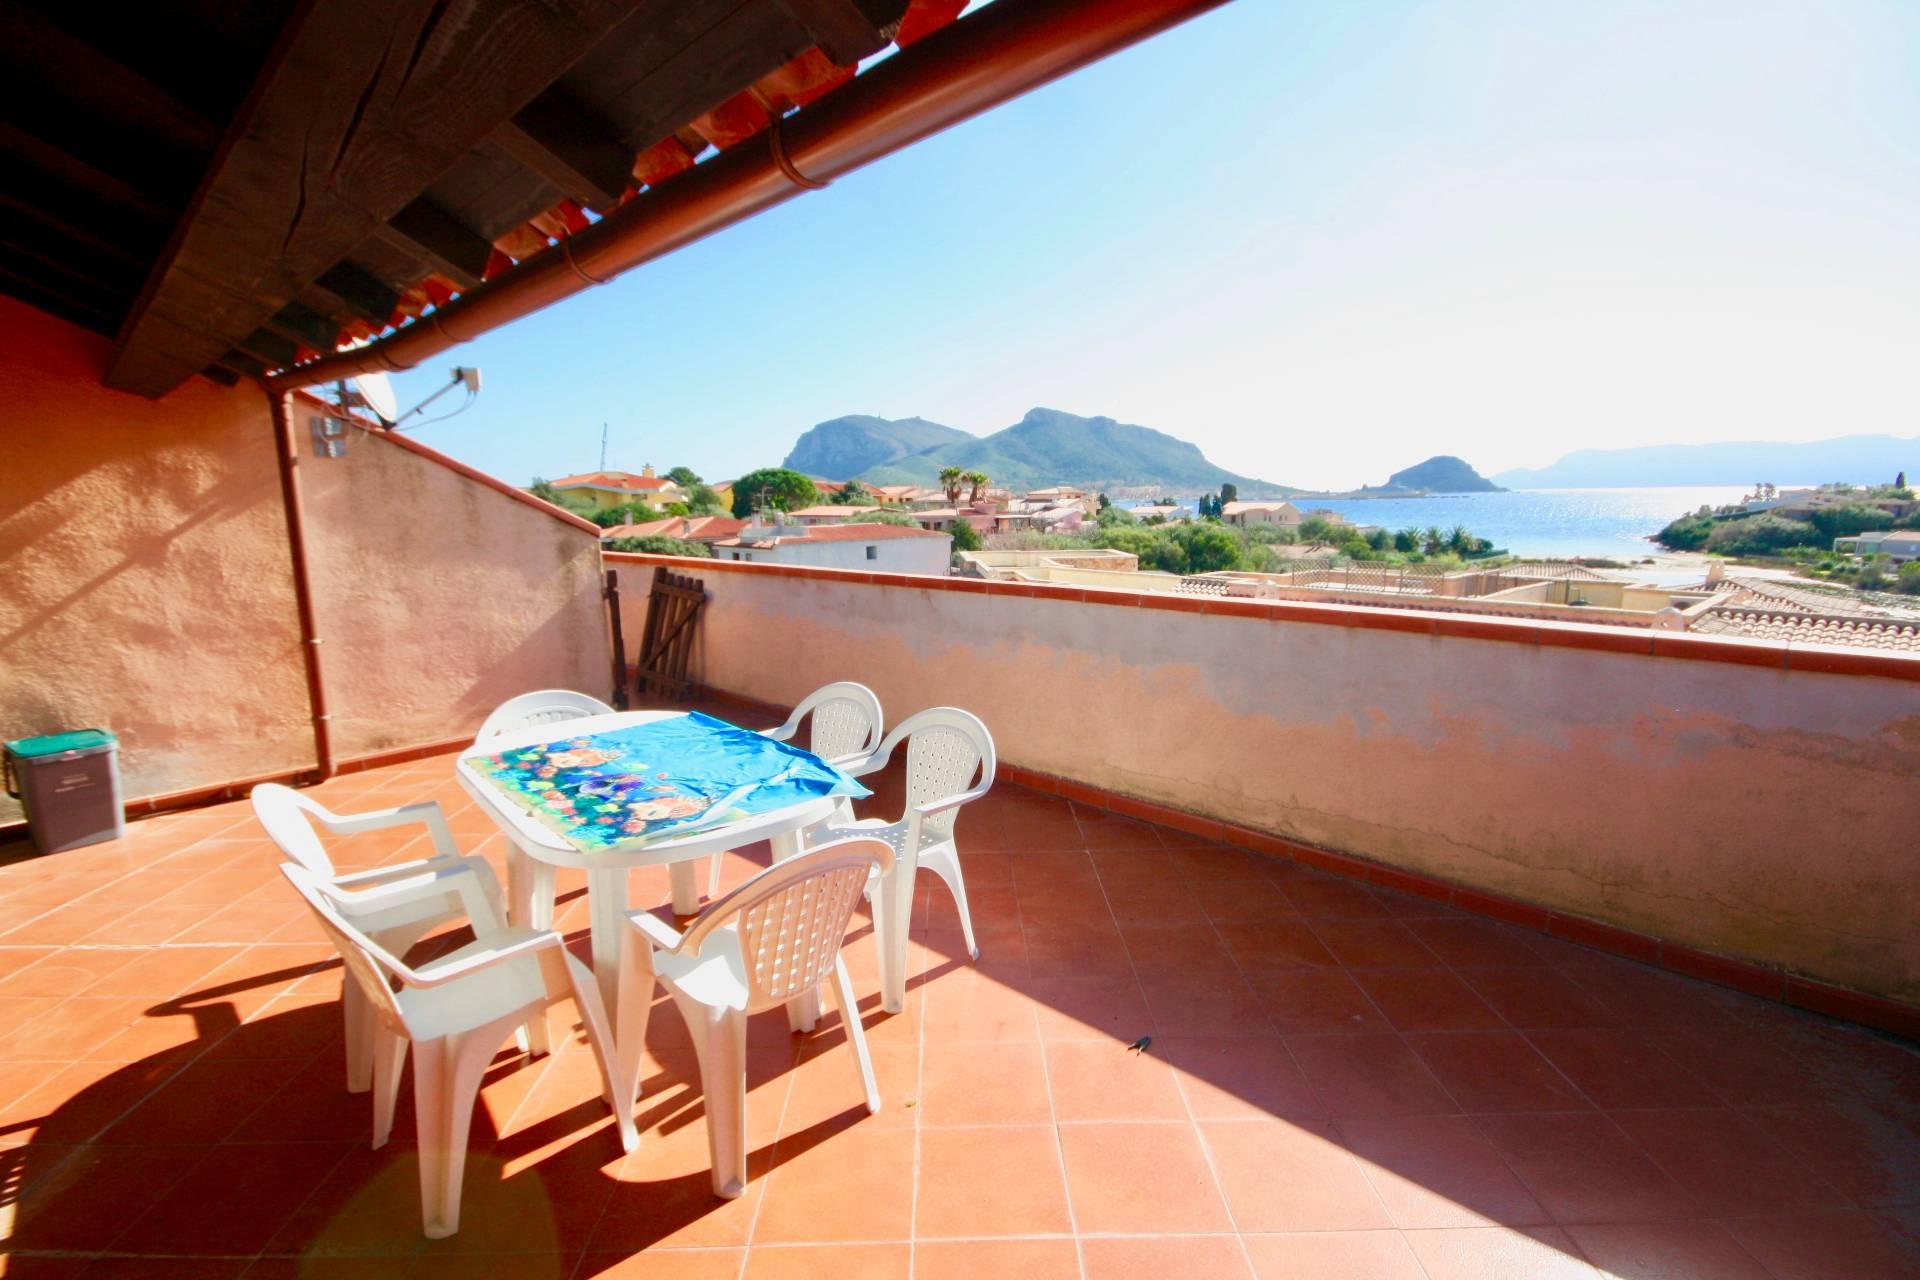 Appartamento in vendita a Golfo Aranci, 3 locali, prezzo € 140.000 | CambioCasa.it